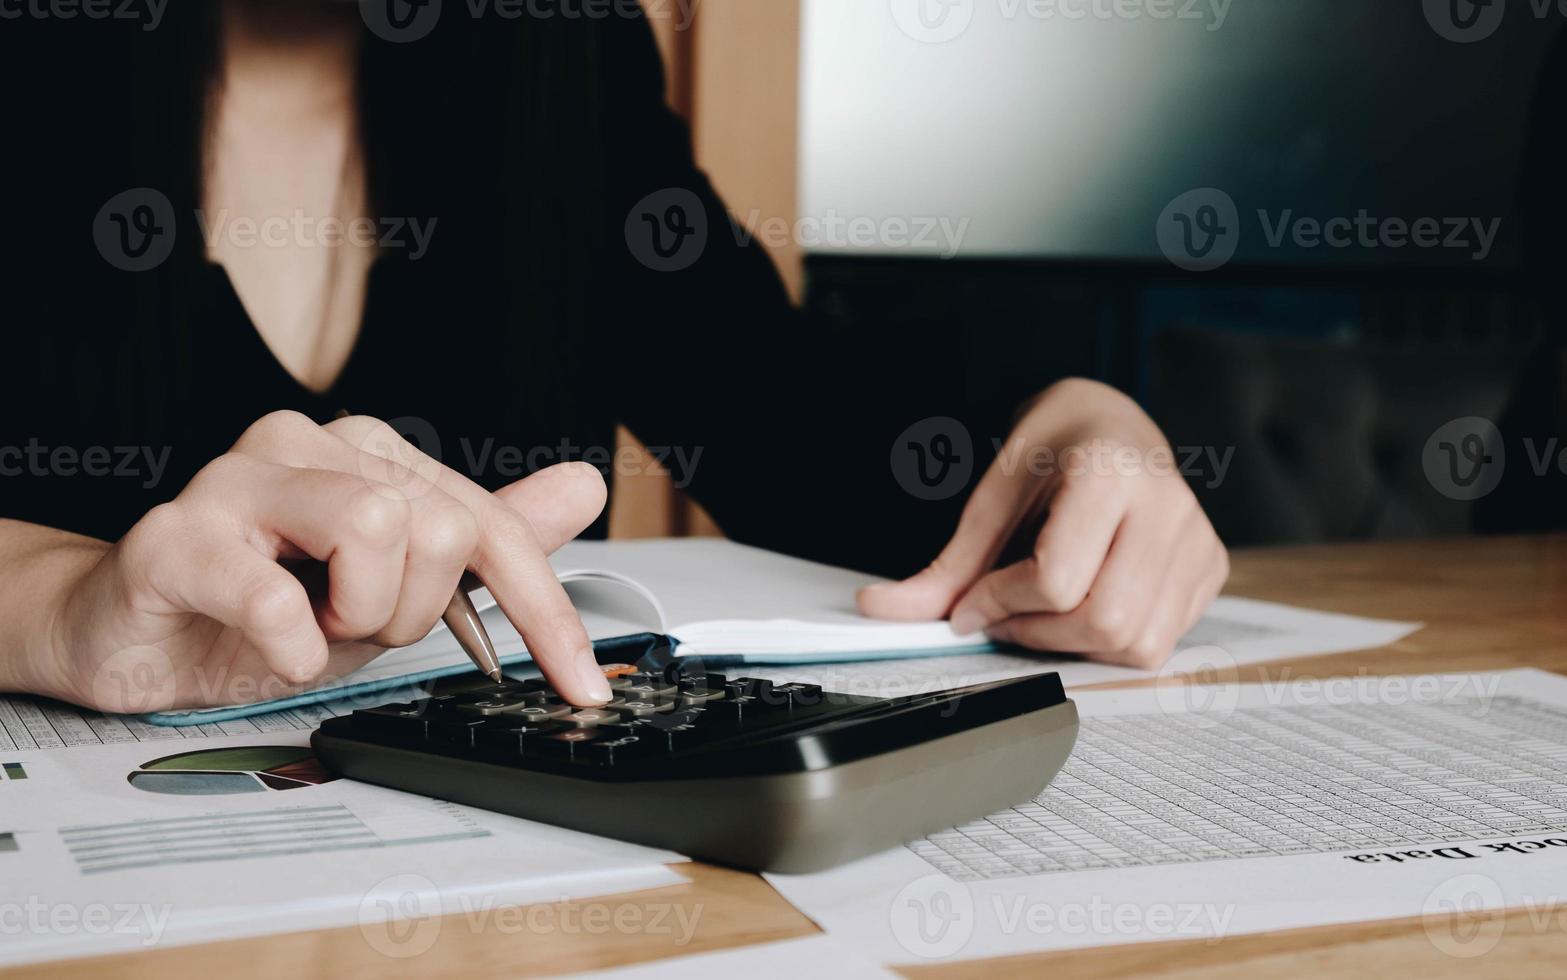 Frau mit einem schwarzen Taschenrechner foto